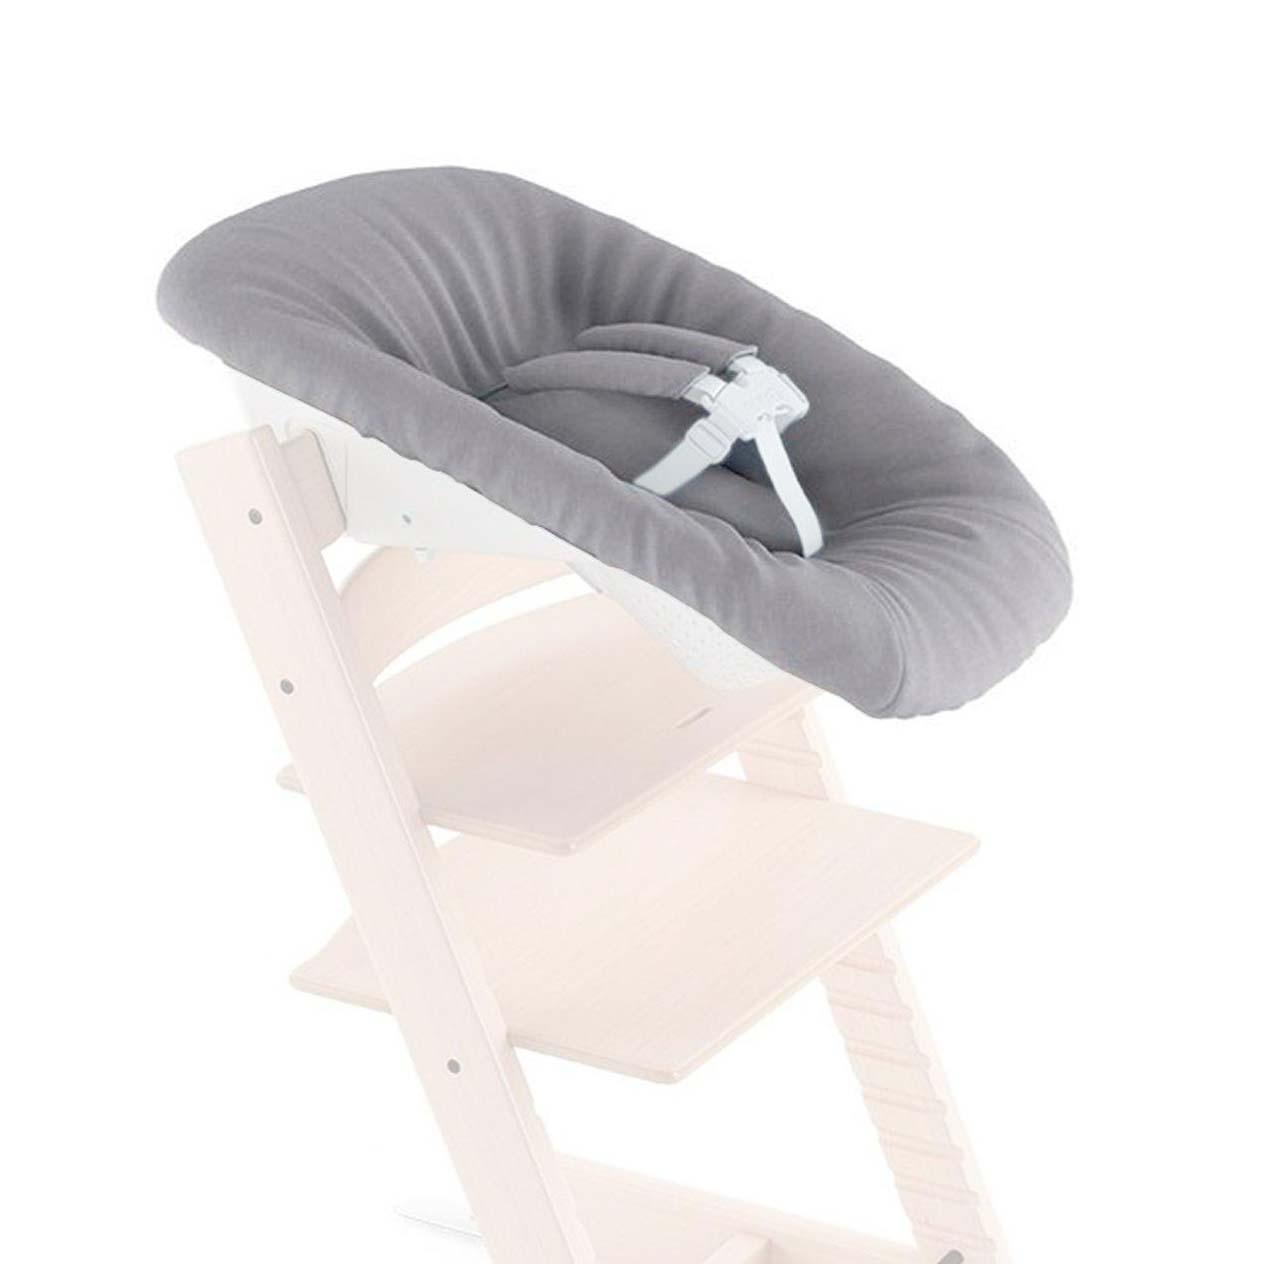 Textil Newborn Set | Tripp Trapp